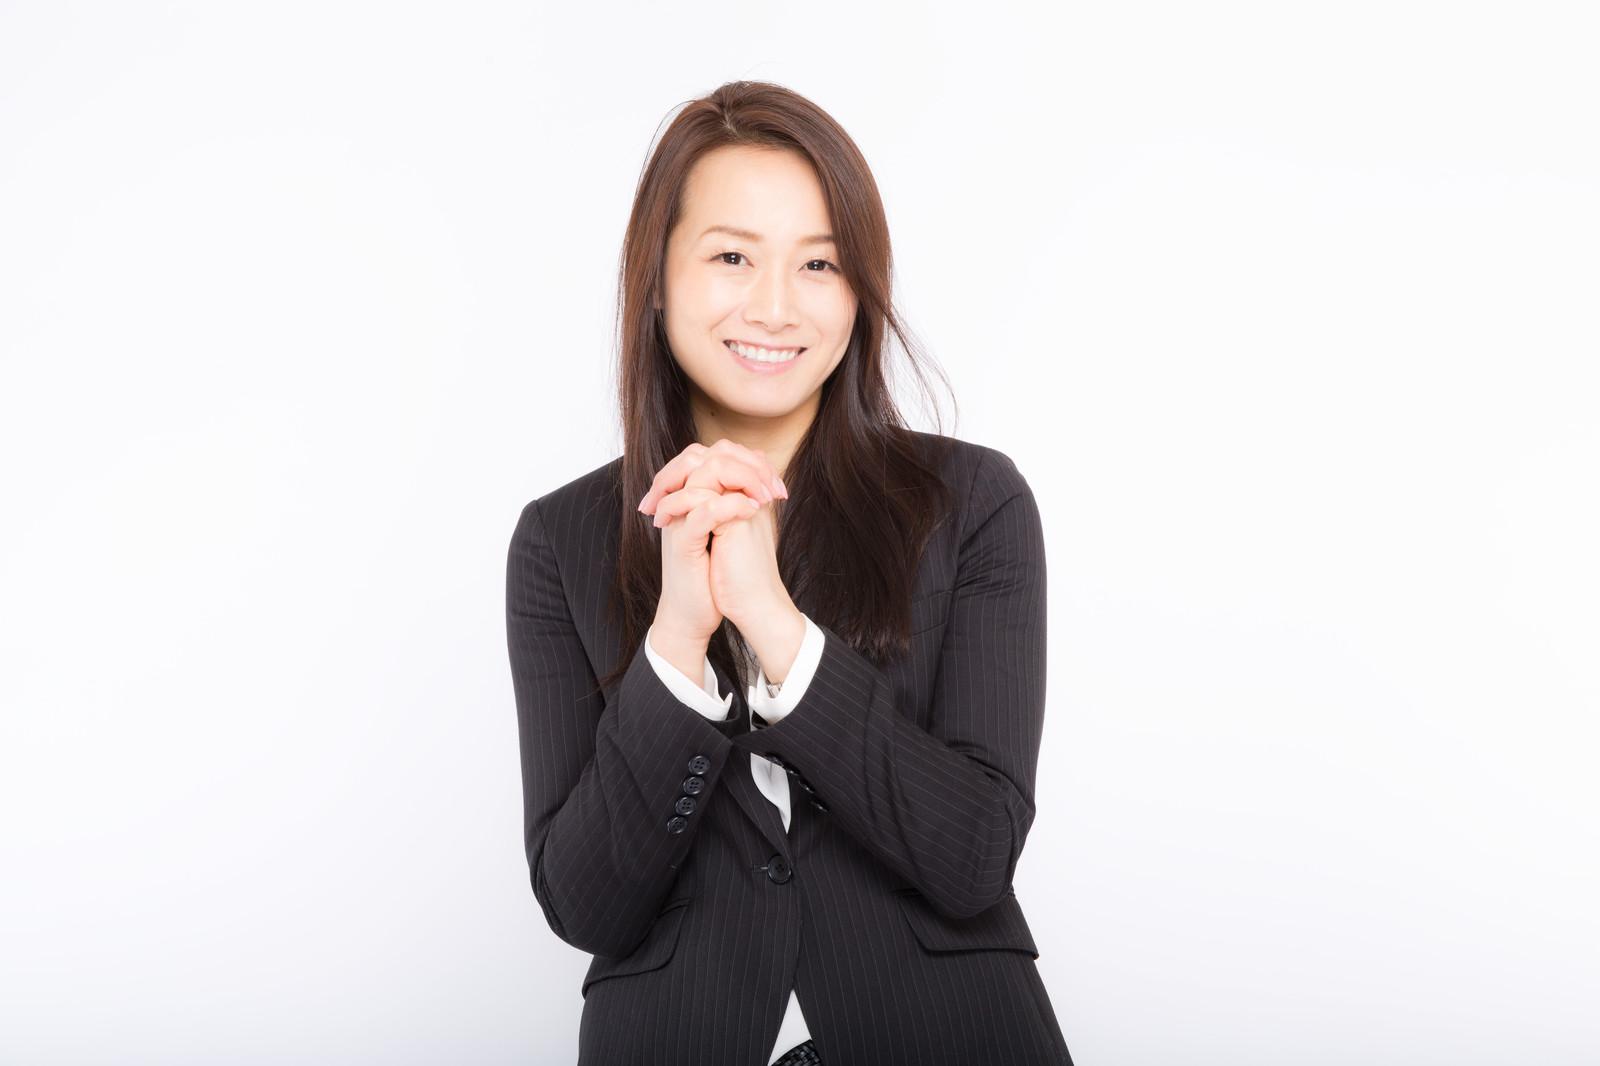 韓国語で「よろしくお願いします」の様々な表現&フレーズ